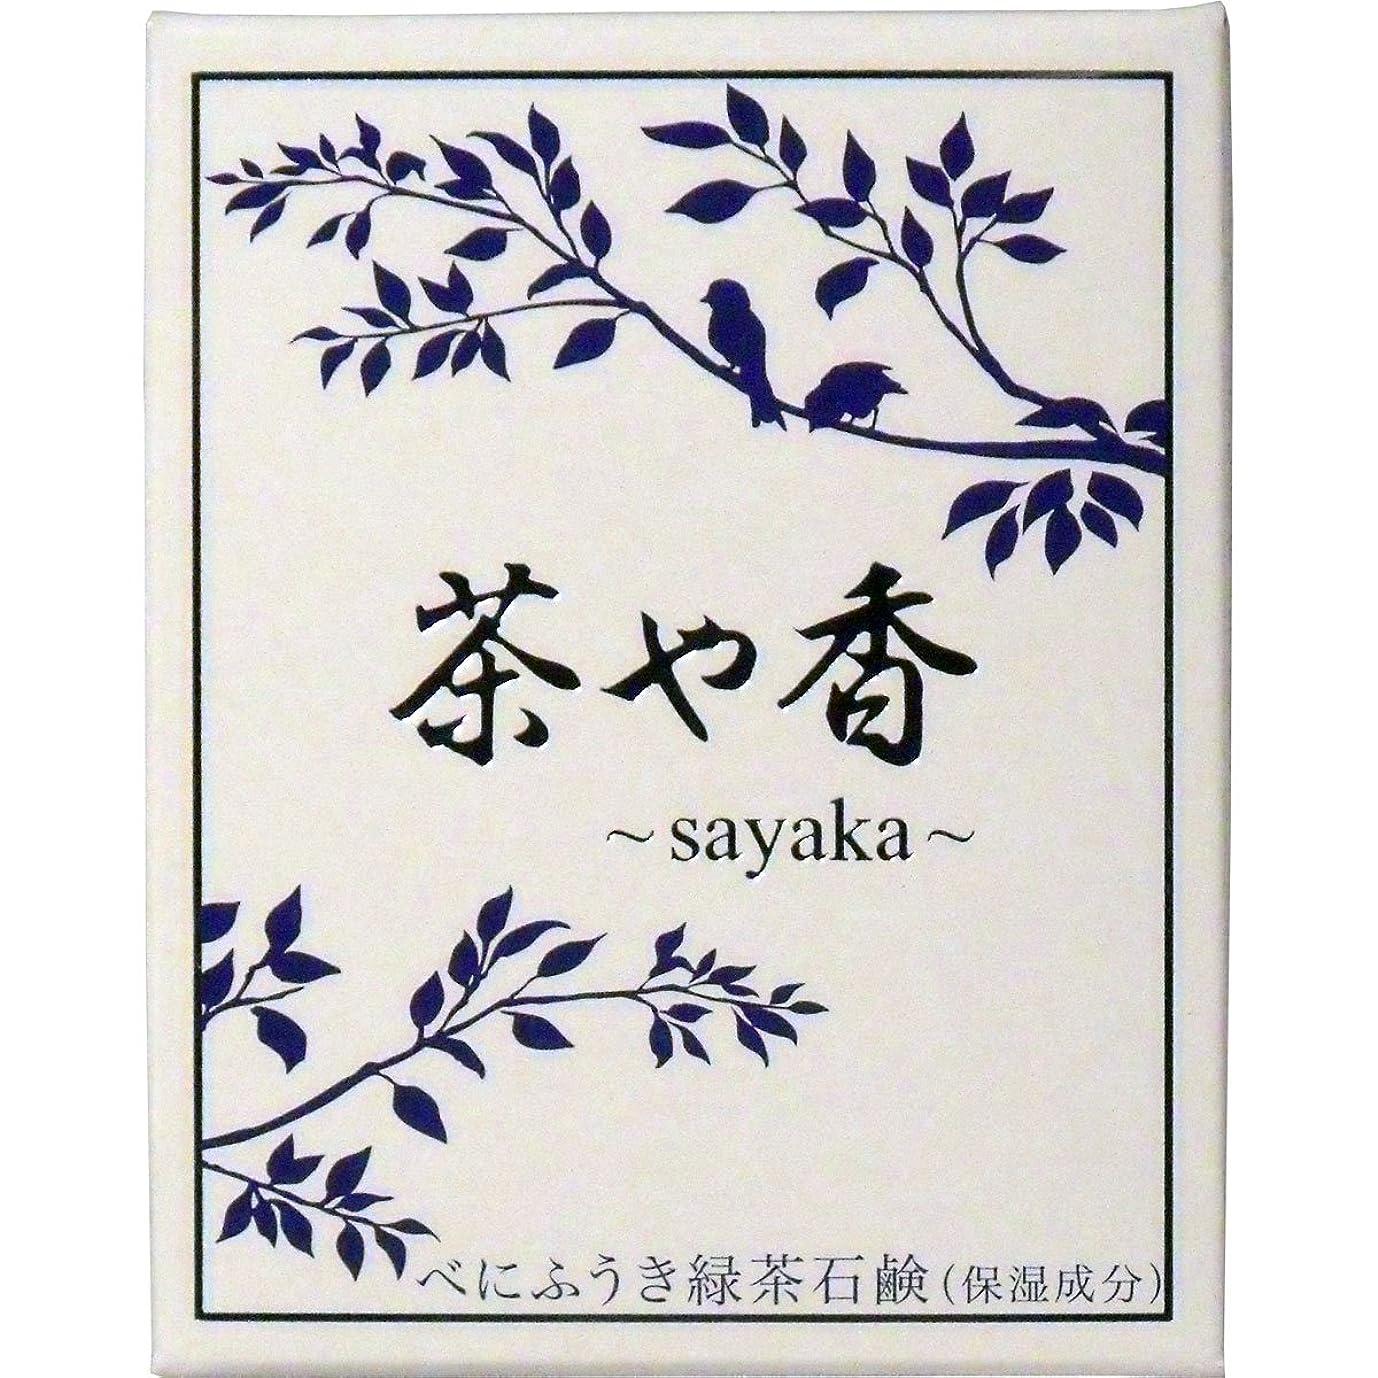 ギャップミトン操作茶や香 -sayaka- べにふうき緑茶石鹸 100g入 ×3個セット